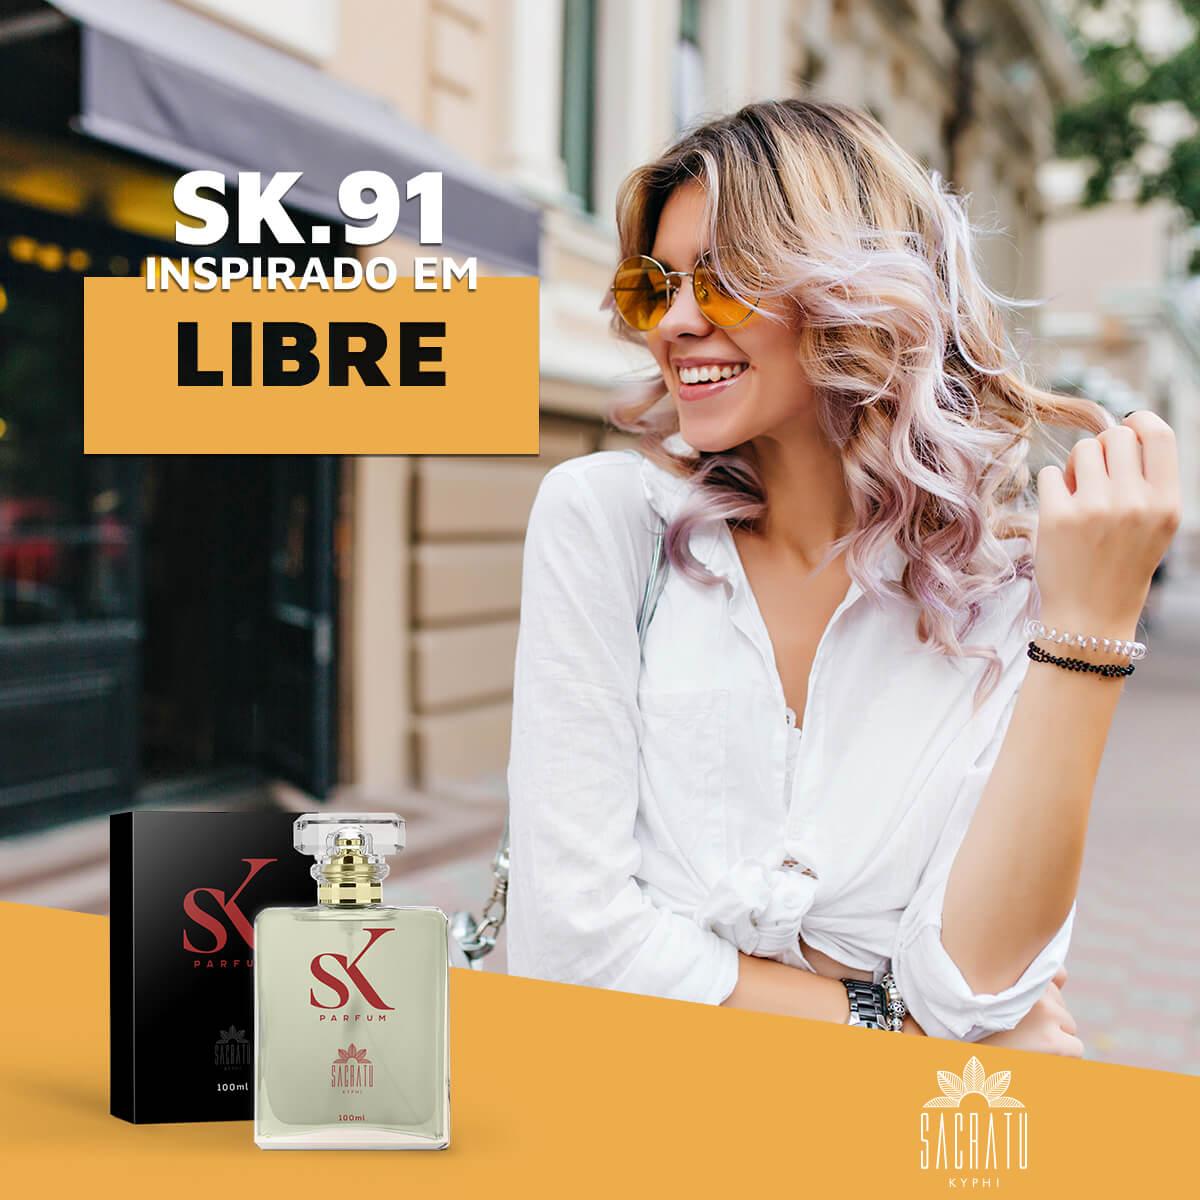 SK 91 – Inspirado em Libre by Yves Saint Laurent